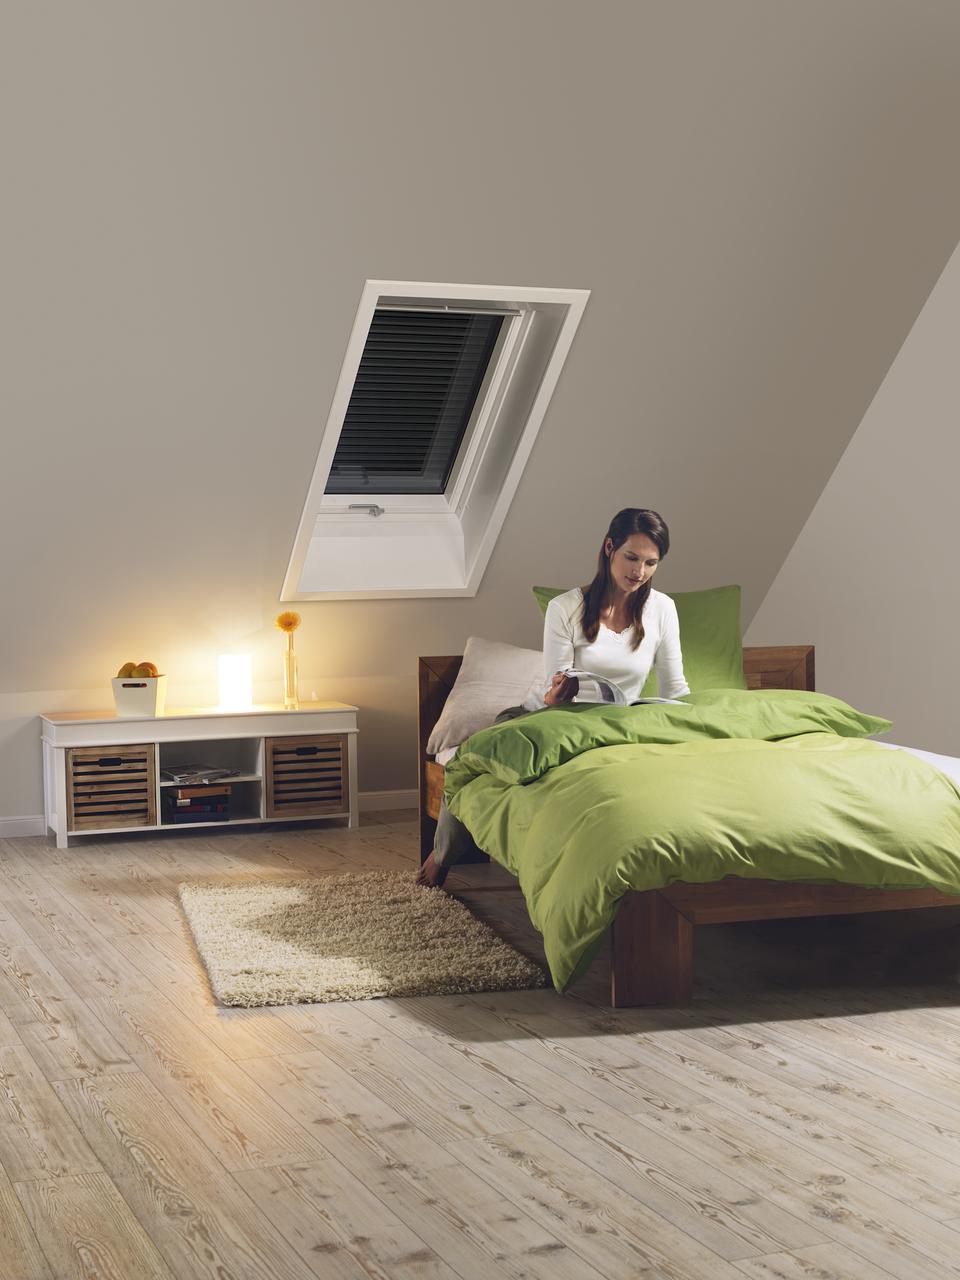 La nuova tapparella manuale easy di velux casa luce for Tapparelle per velux